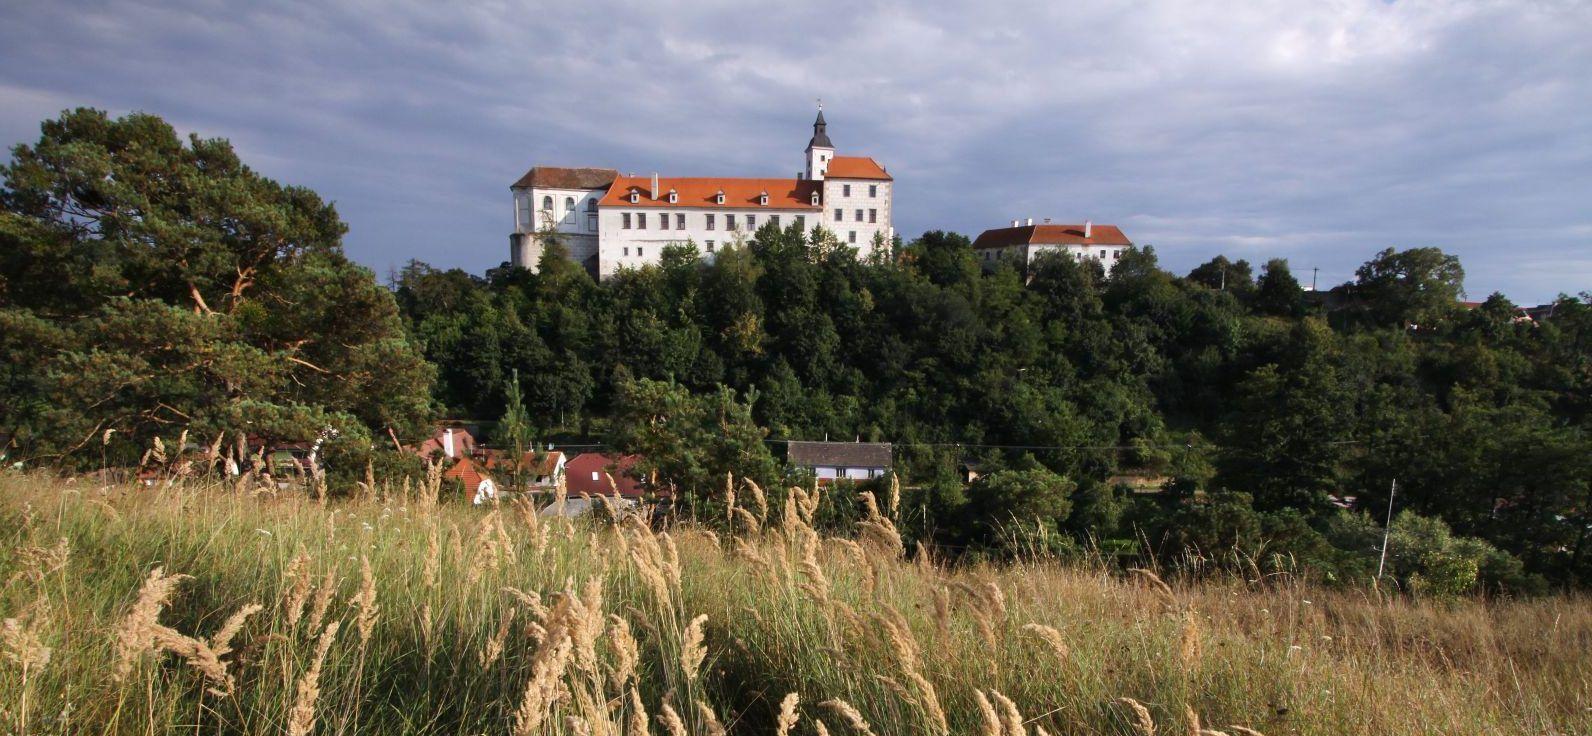 Moravské zemské muzeum v Brně, zámek Jevišovice